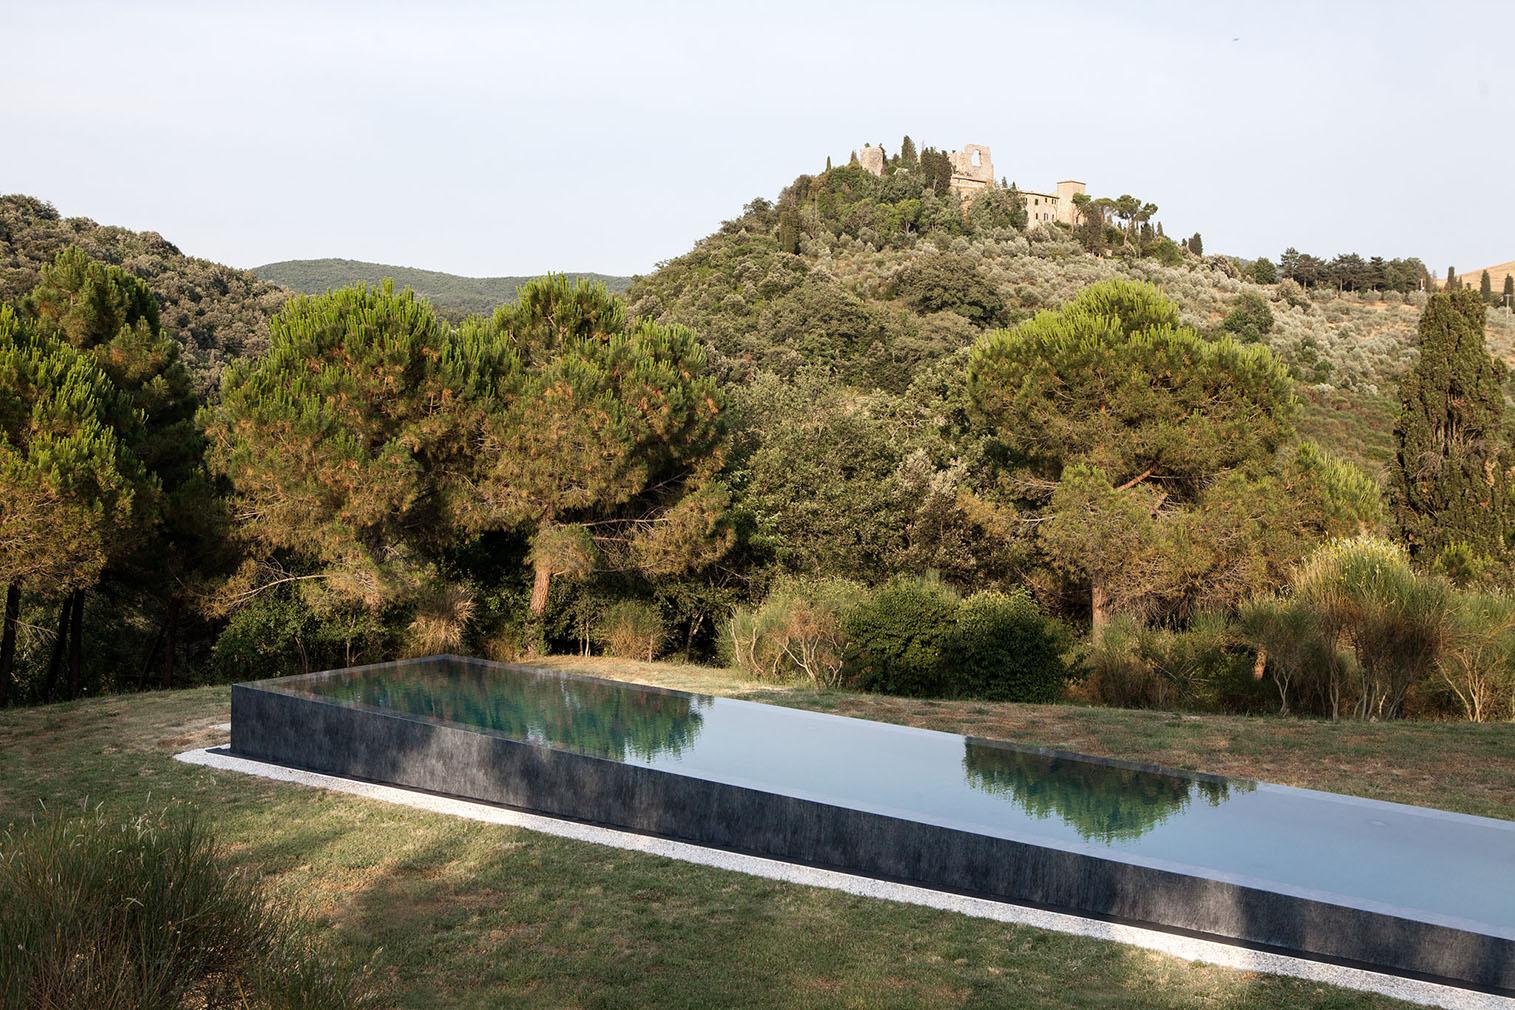 Holiday home near Siena, Tuscany